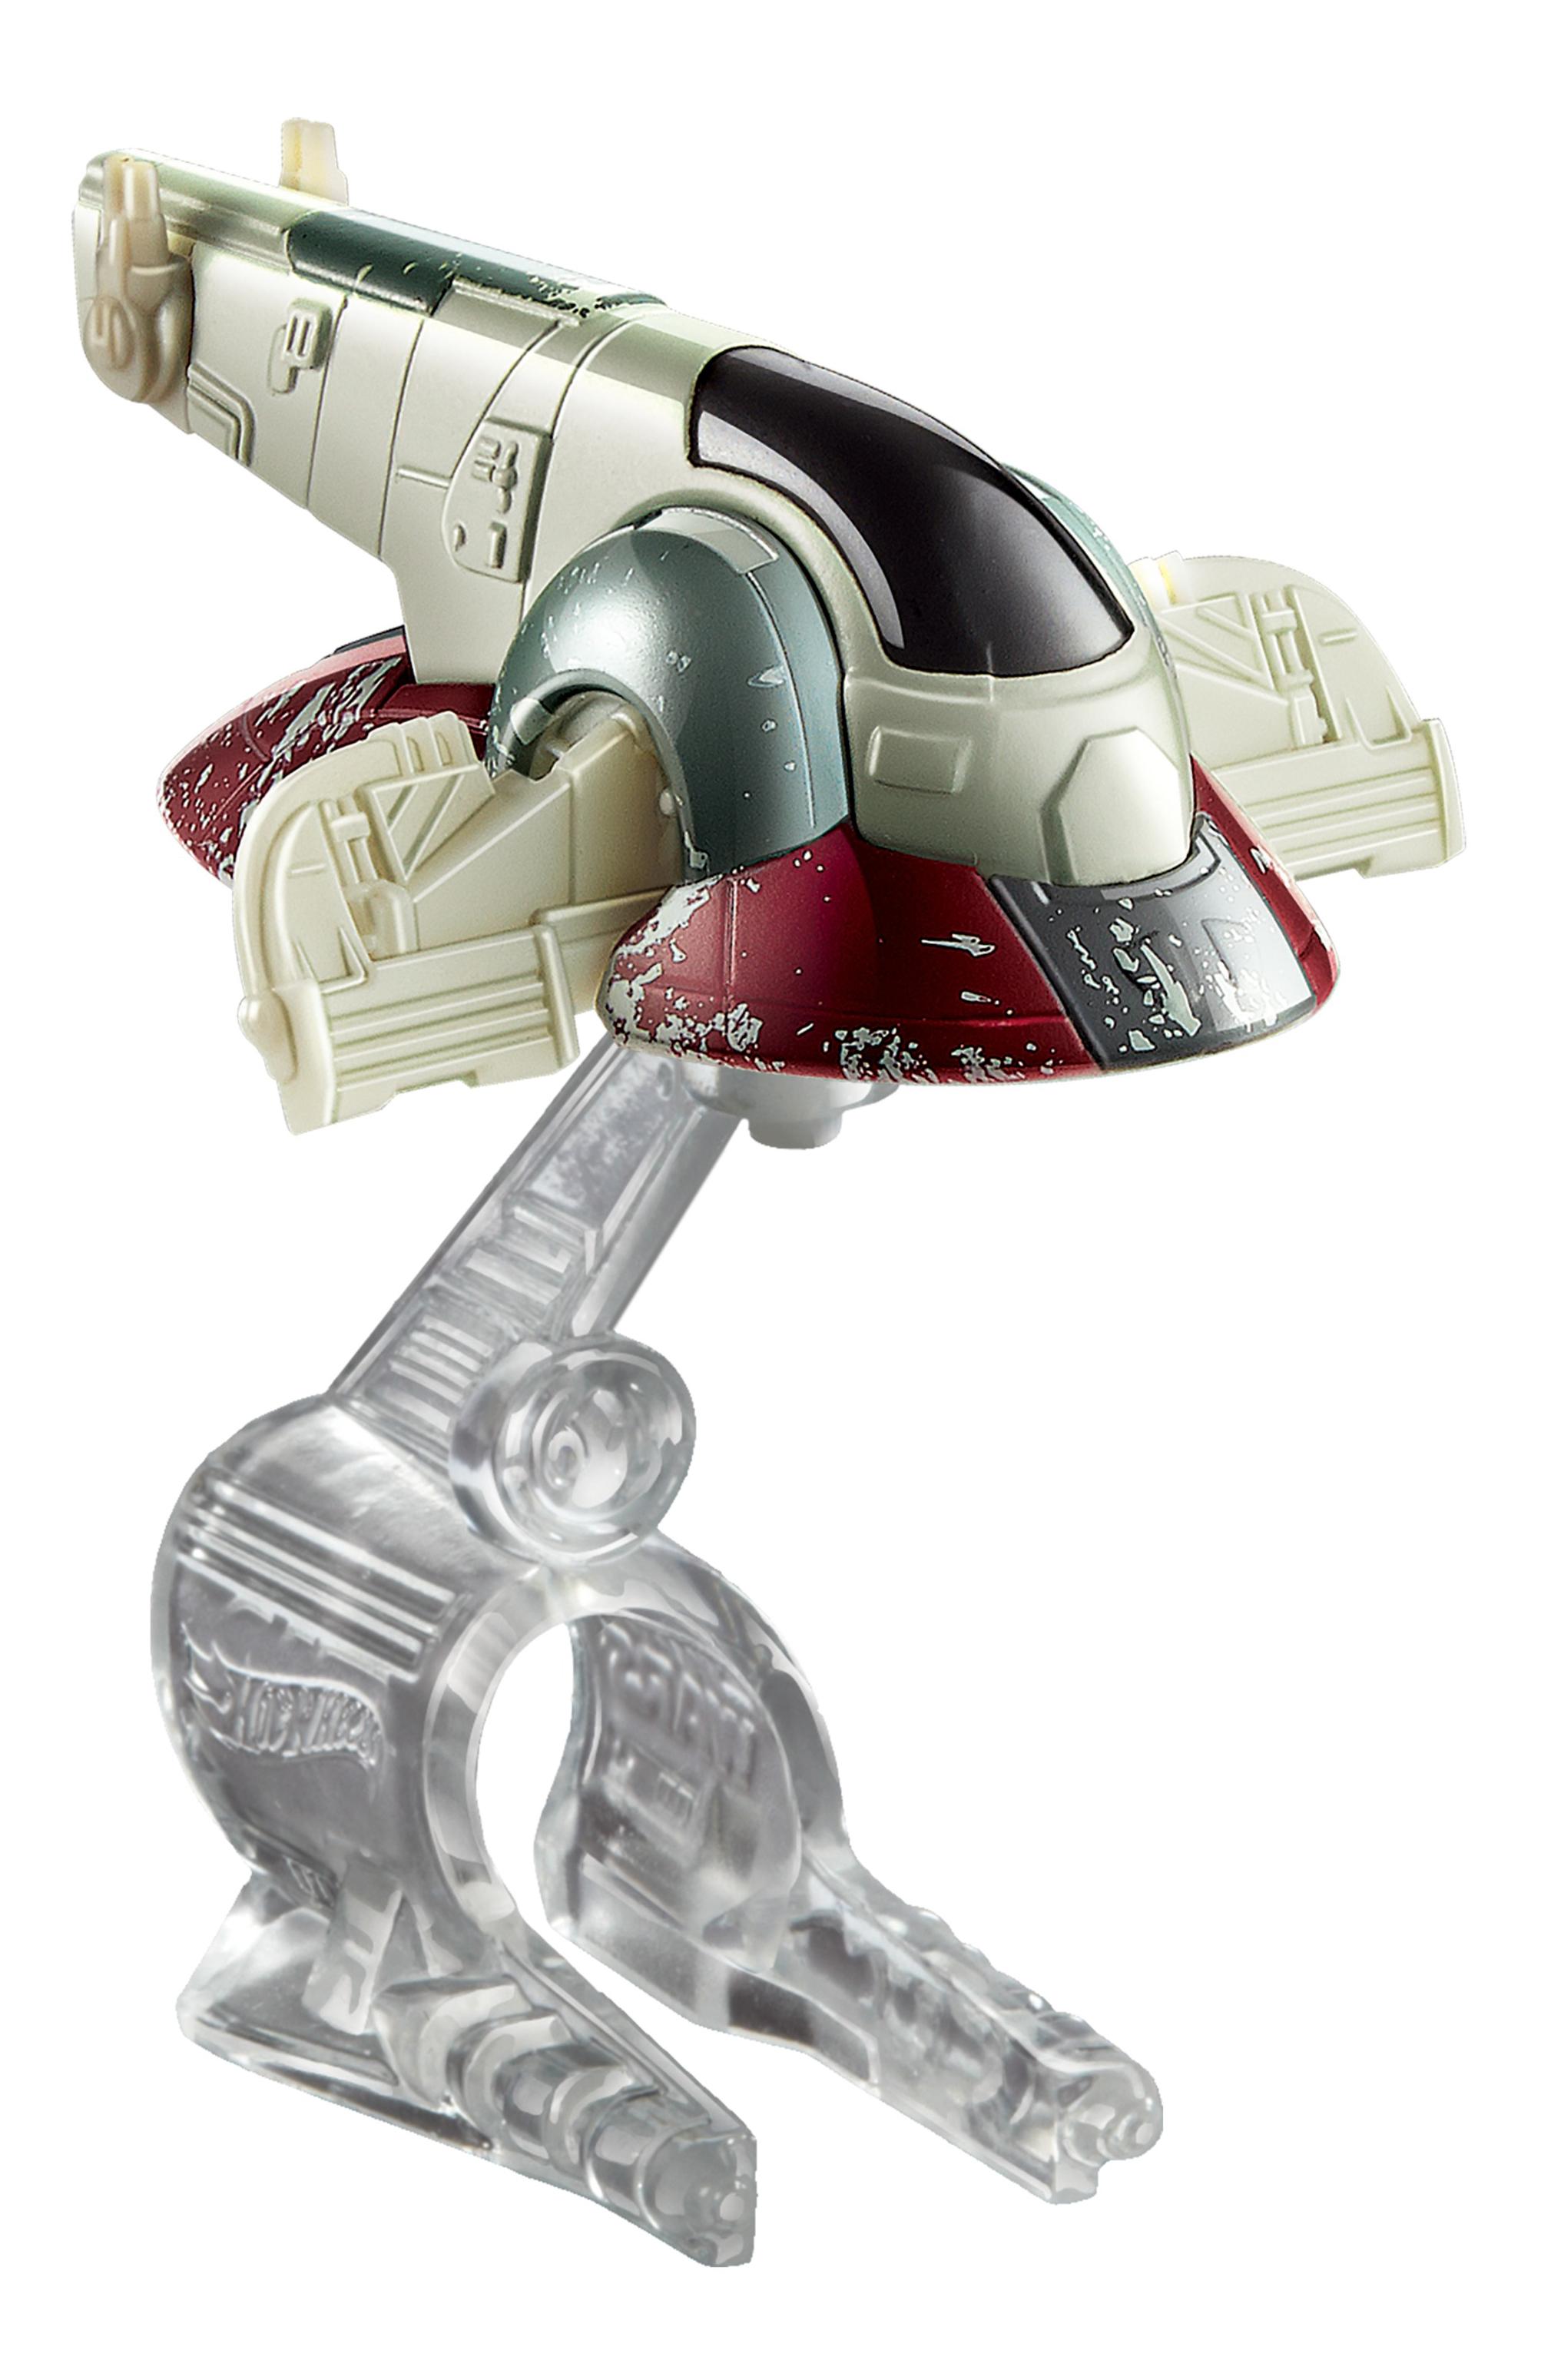 Купить Истребитель Hot Wheels Звездолёты серии Звёздные войны CGW52 CKJ63, Воздушный транспорт